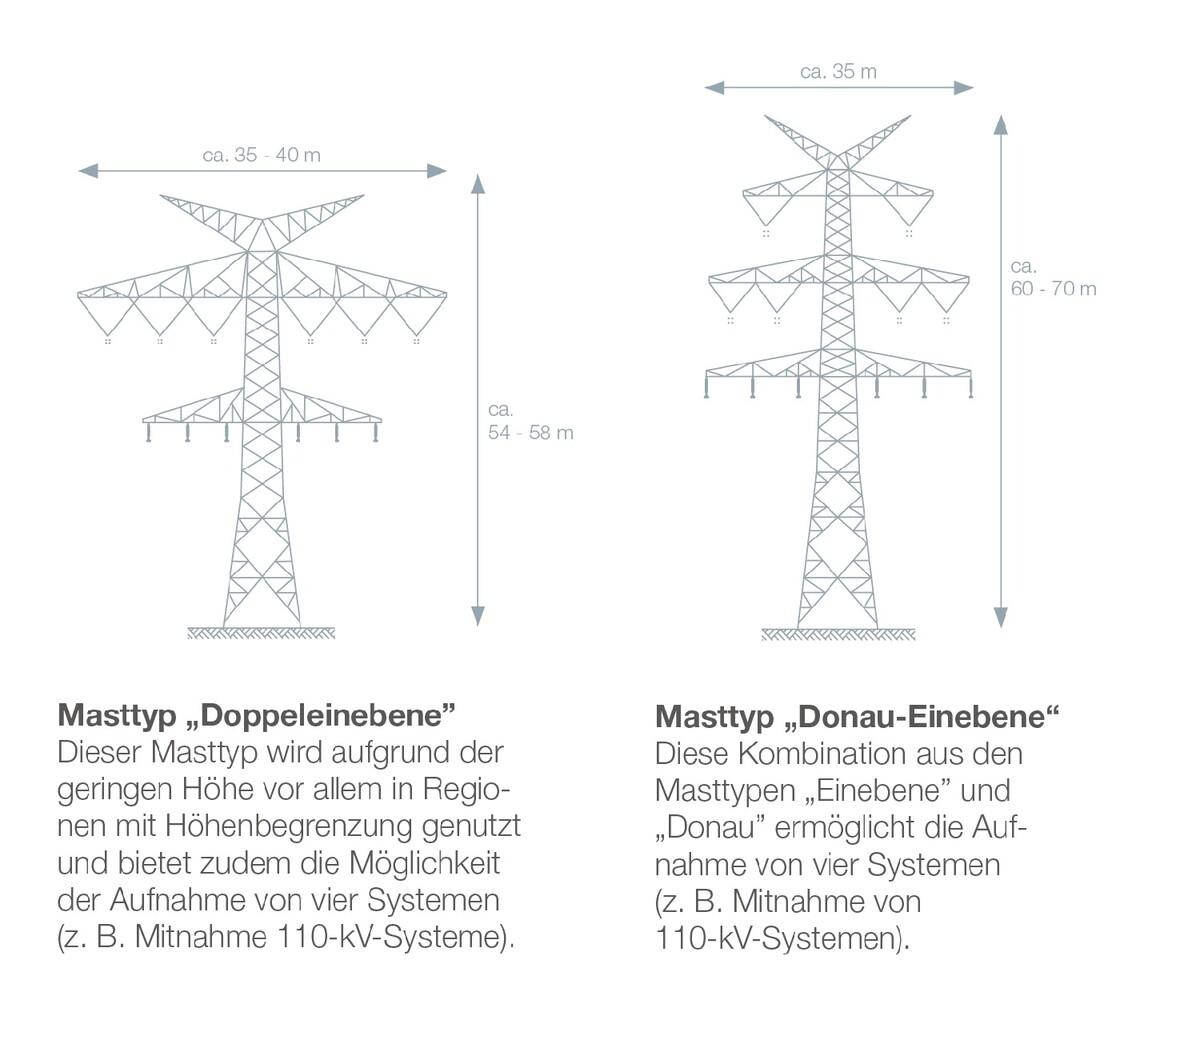 Doppeleinebene & Donau-Einebene